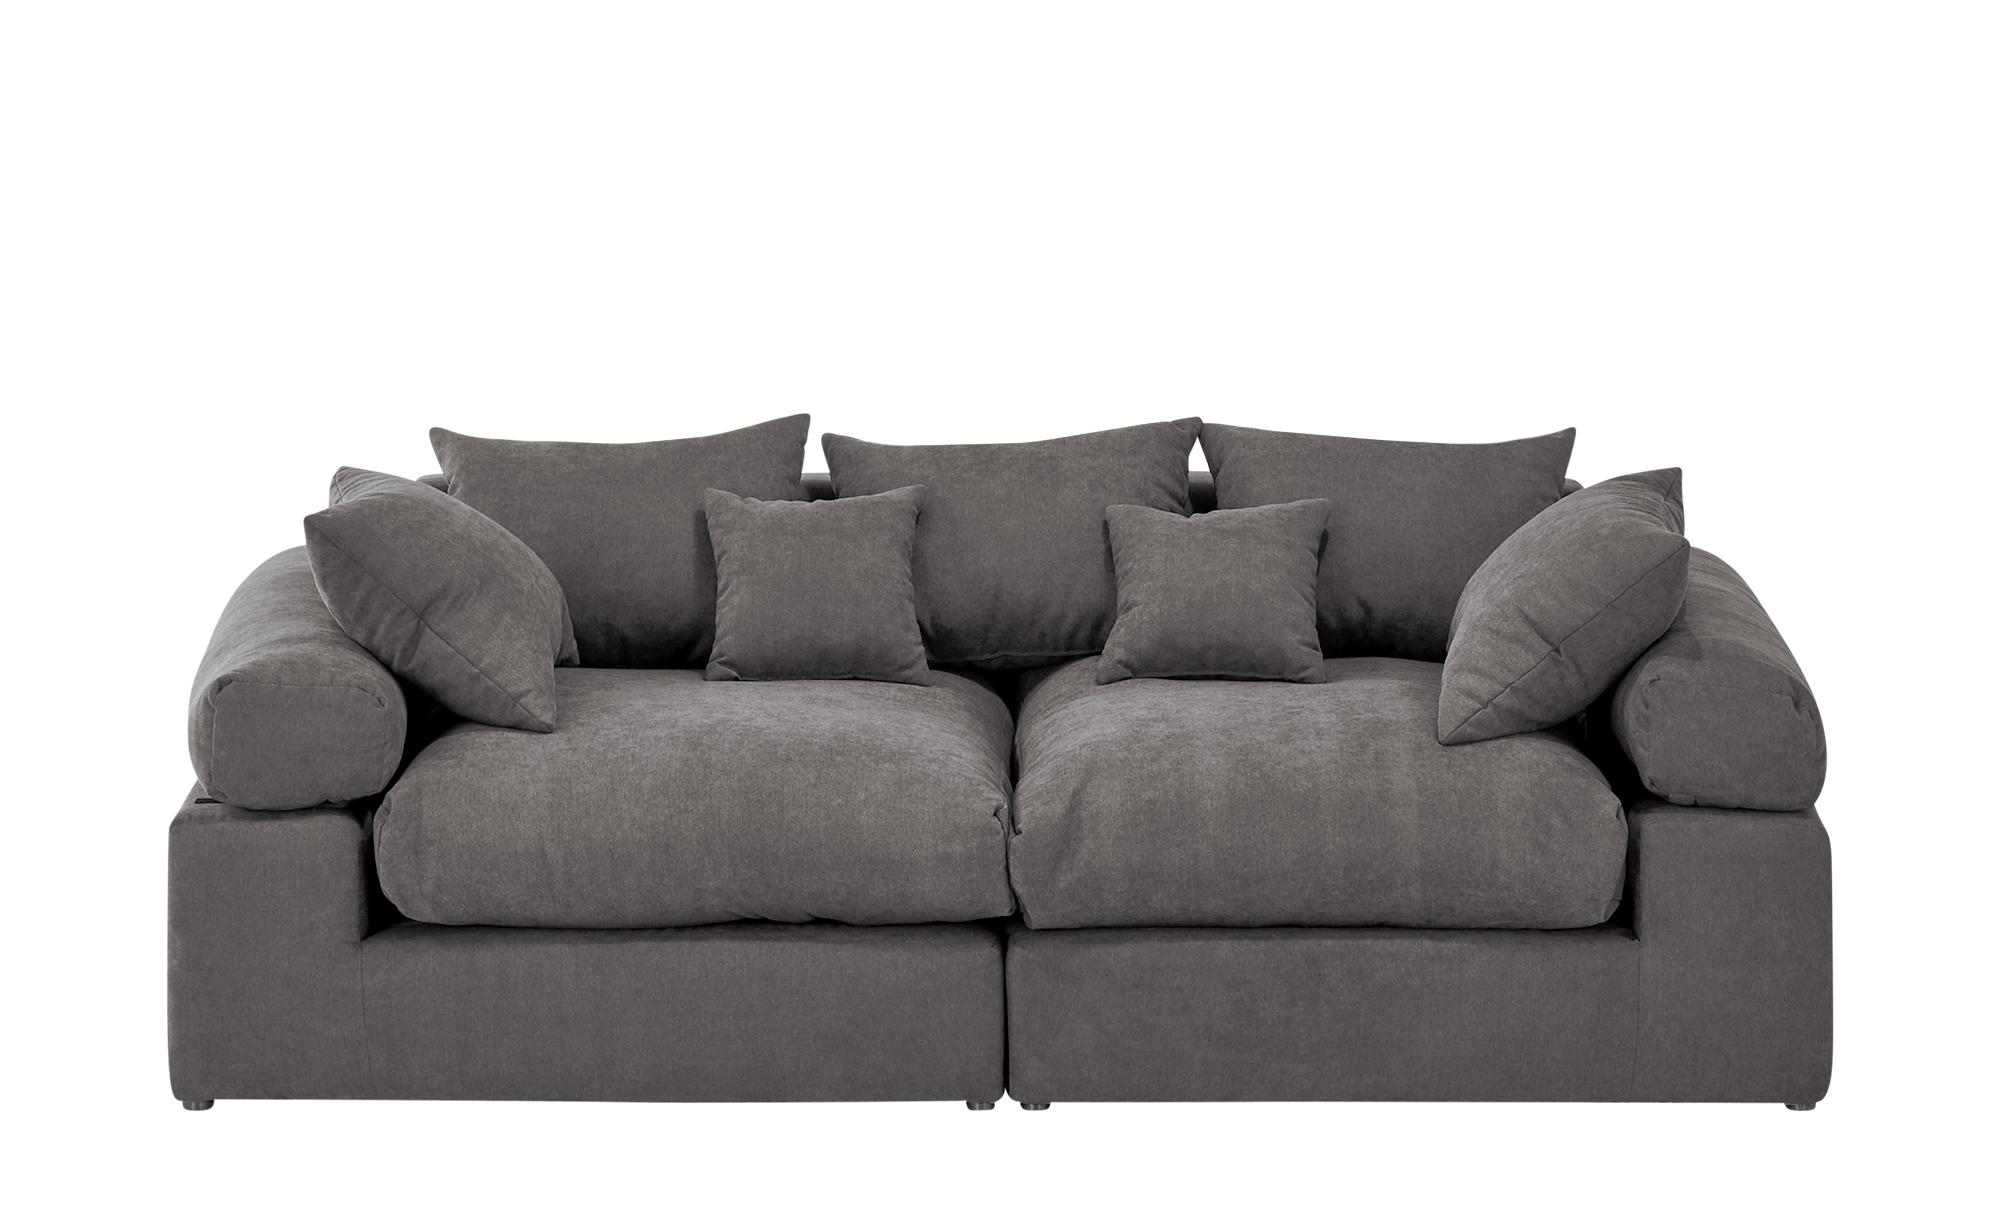 smart Big Sofa  Lionore ¦ grau ¦ Maße (cm): B: 242 H: 86 T: 121 Polstermöbel > Sofas > Big-Sofas - Höffner